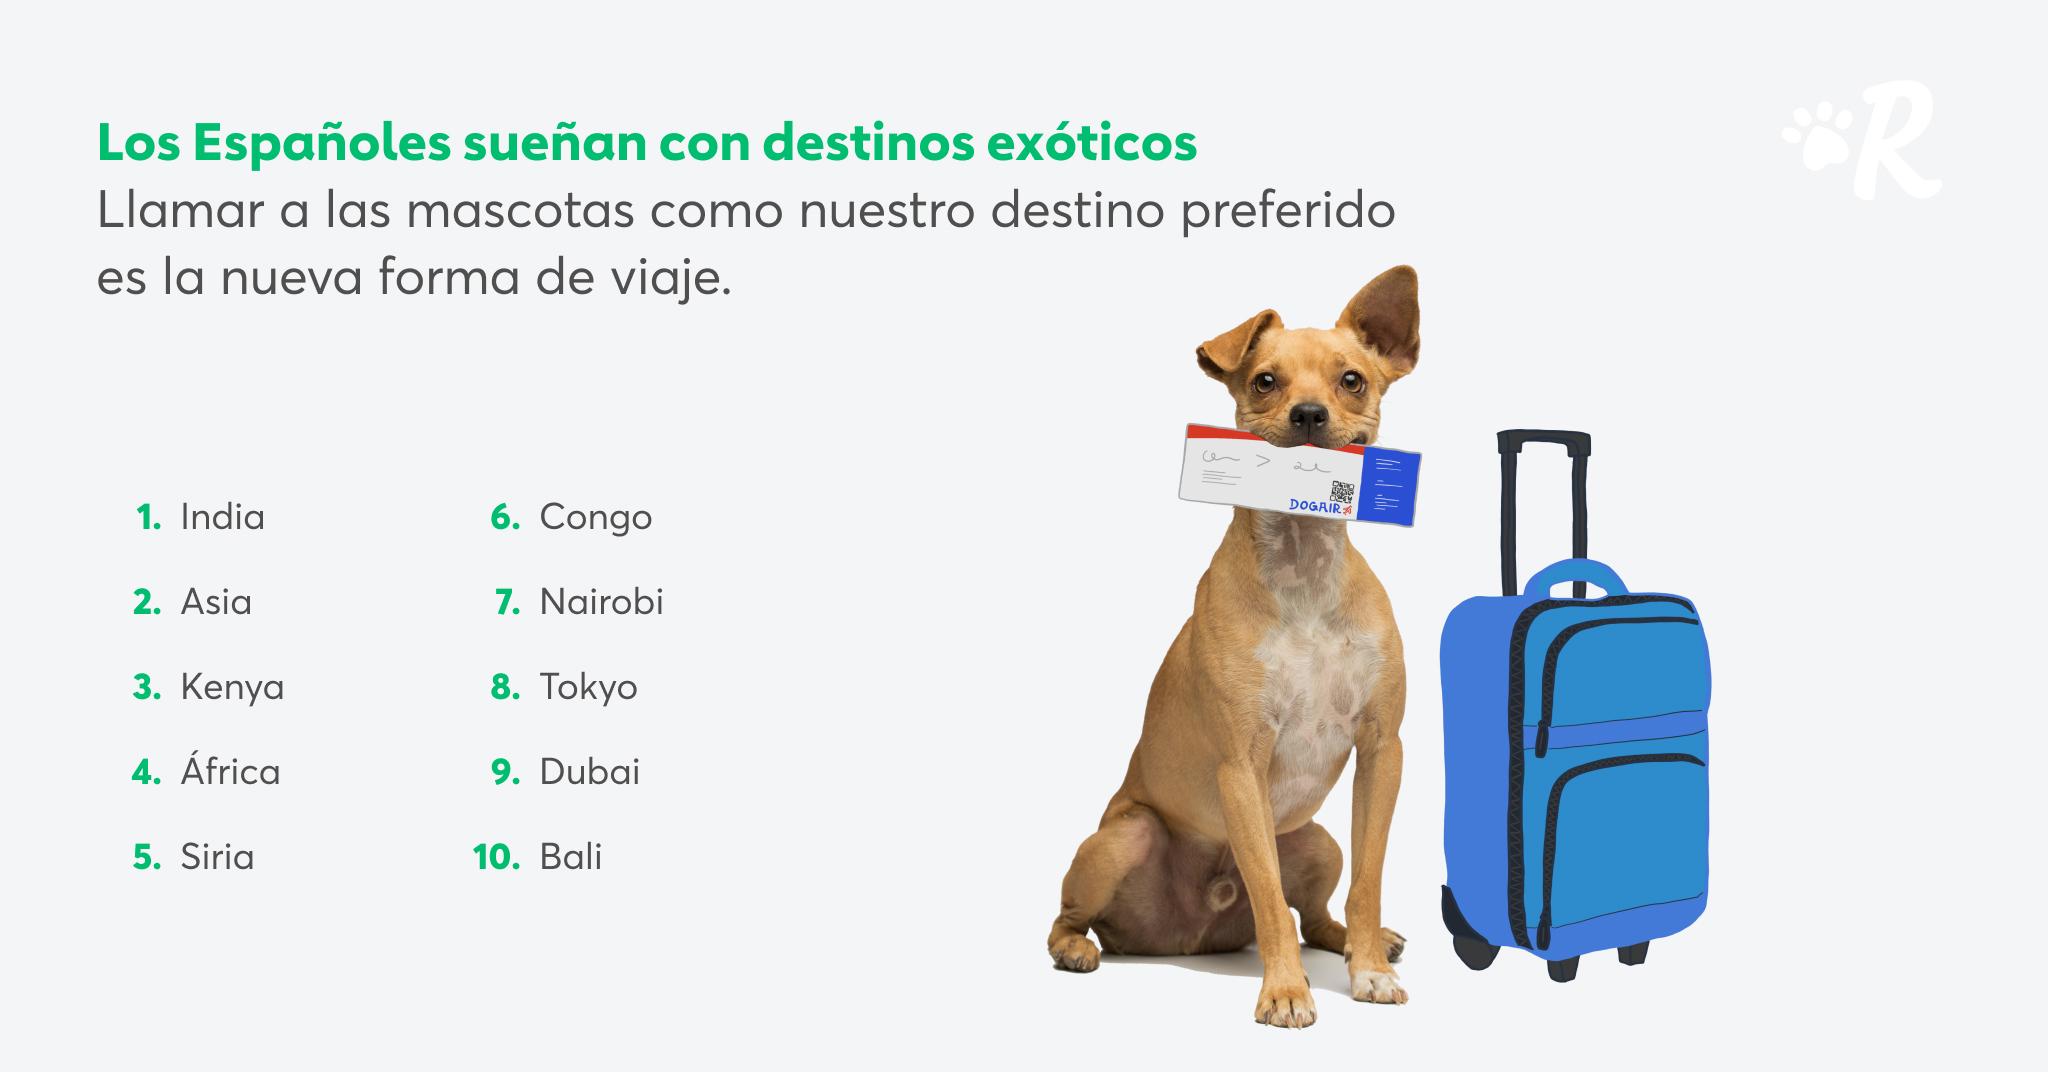 Los Nombres De Perros Más Populares De La Pandemia The Dog People By Rover Com